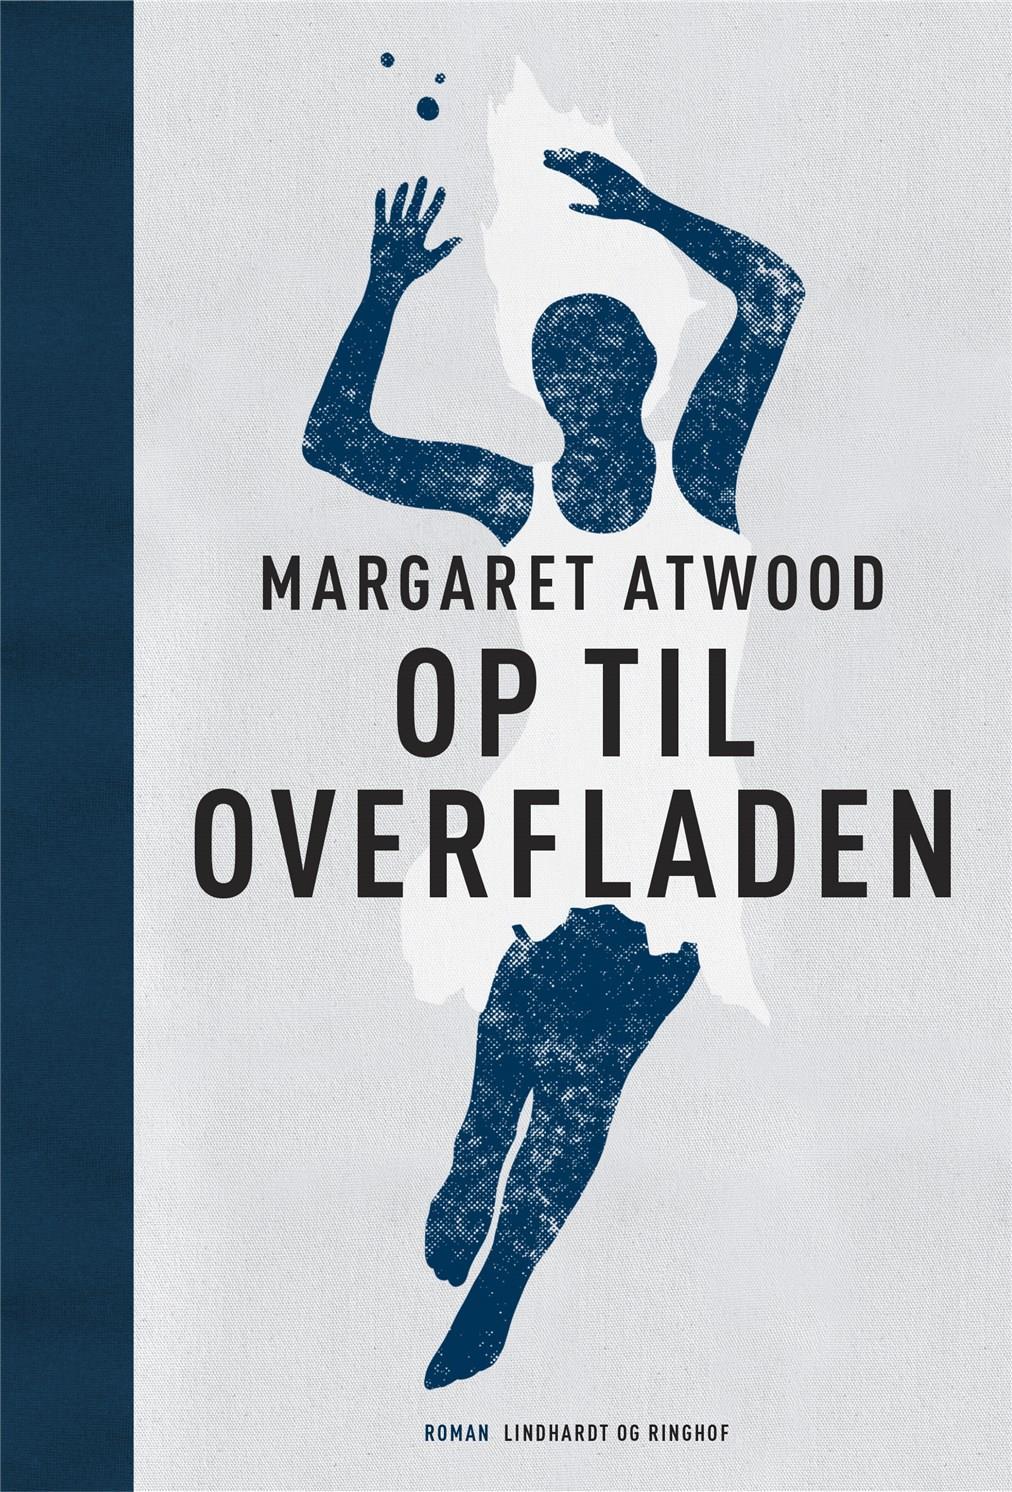 Op til overfladen - Margaret Atwood - Bøger - Lindhardt og Ringhof - 9788711997260 - 8/4-2021